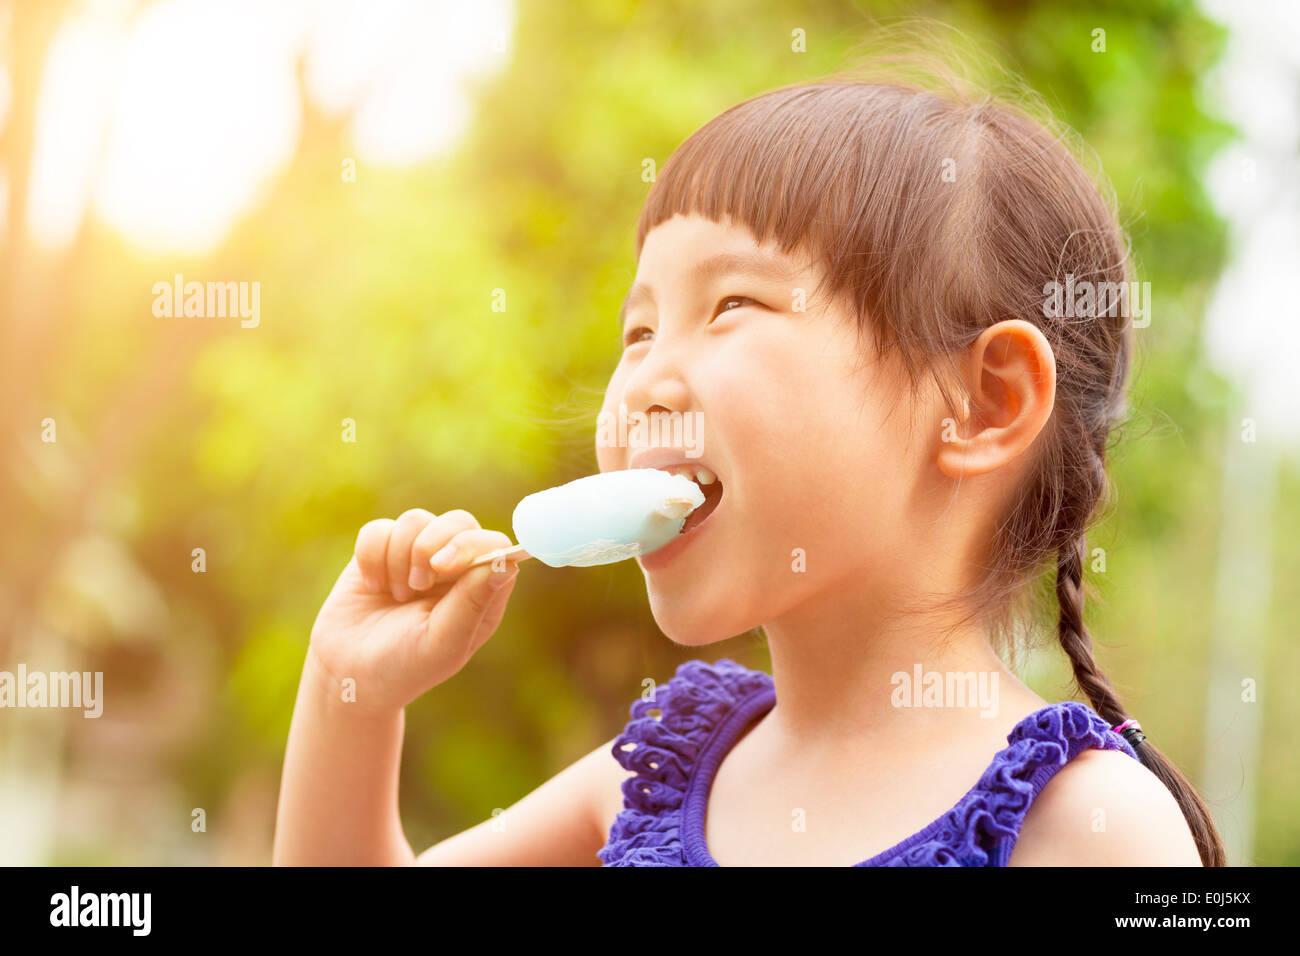 Felice bambina mangiare ghiaccioli in estate con il tramonto del sole Foto Stock